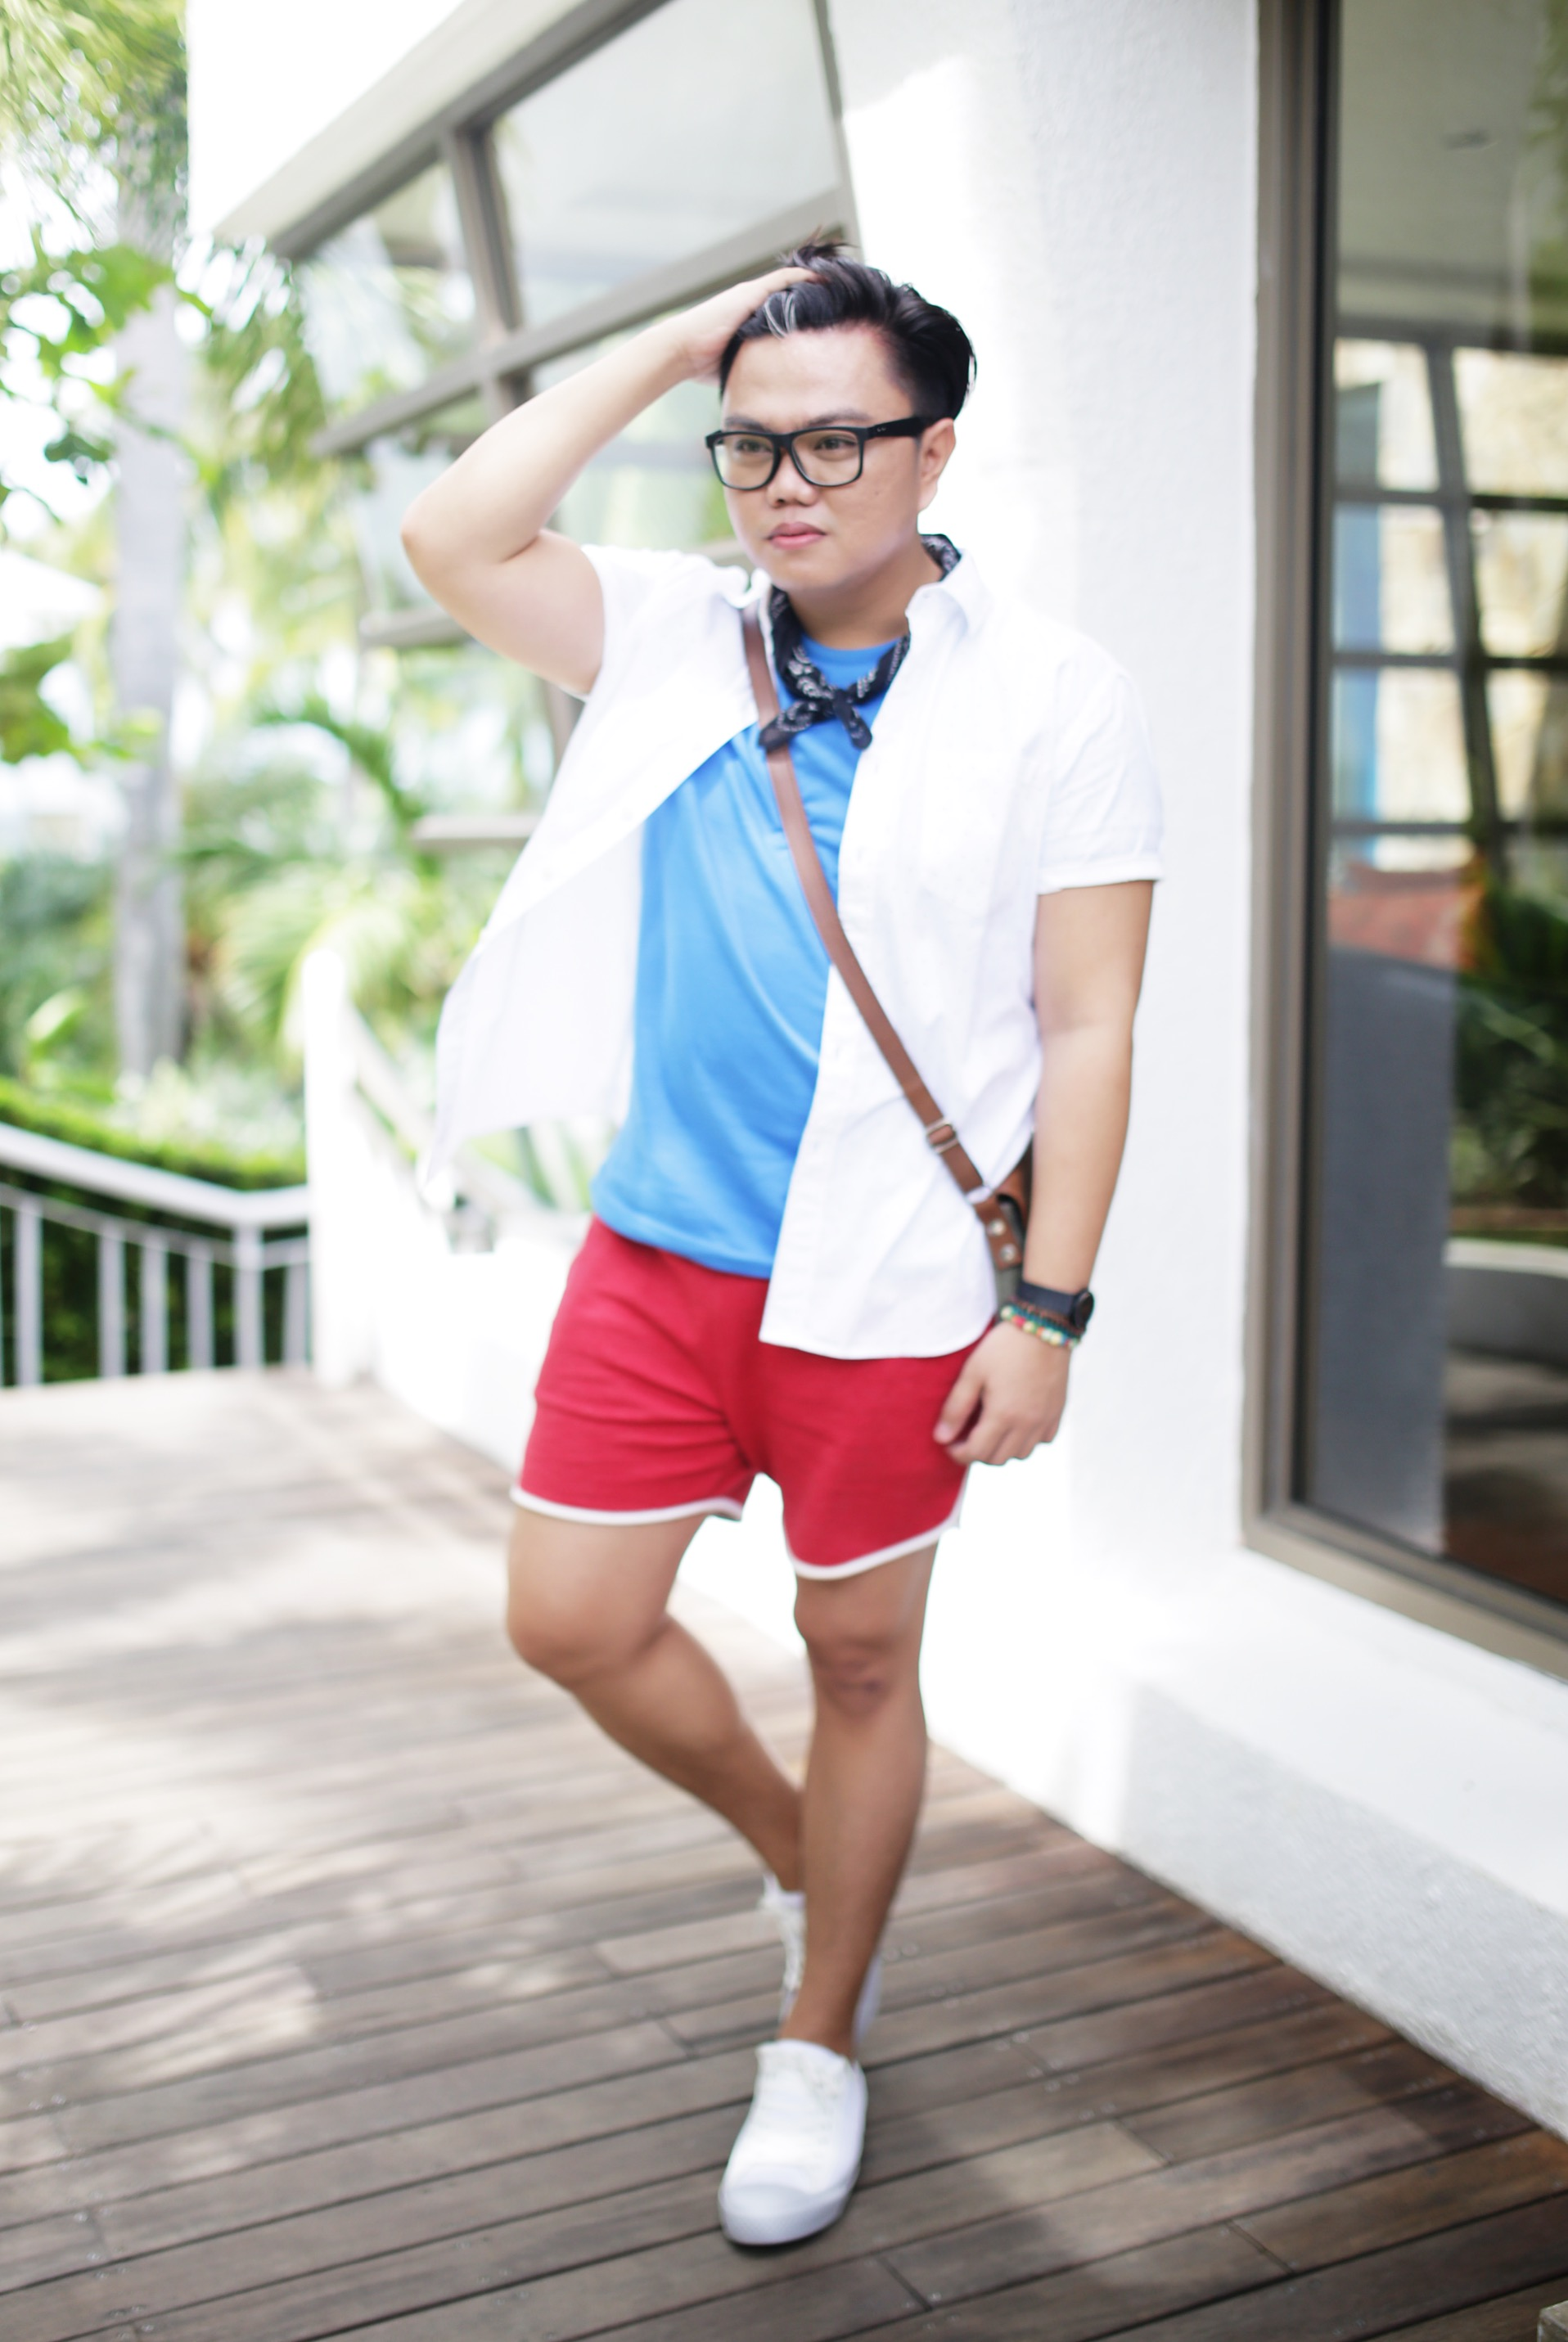 Cebu Fashion Bloggers: Bank on Basics